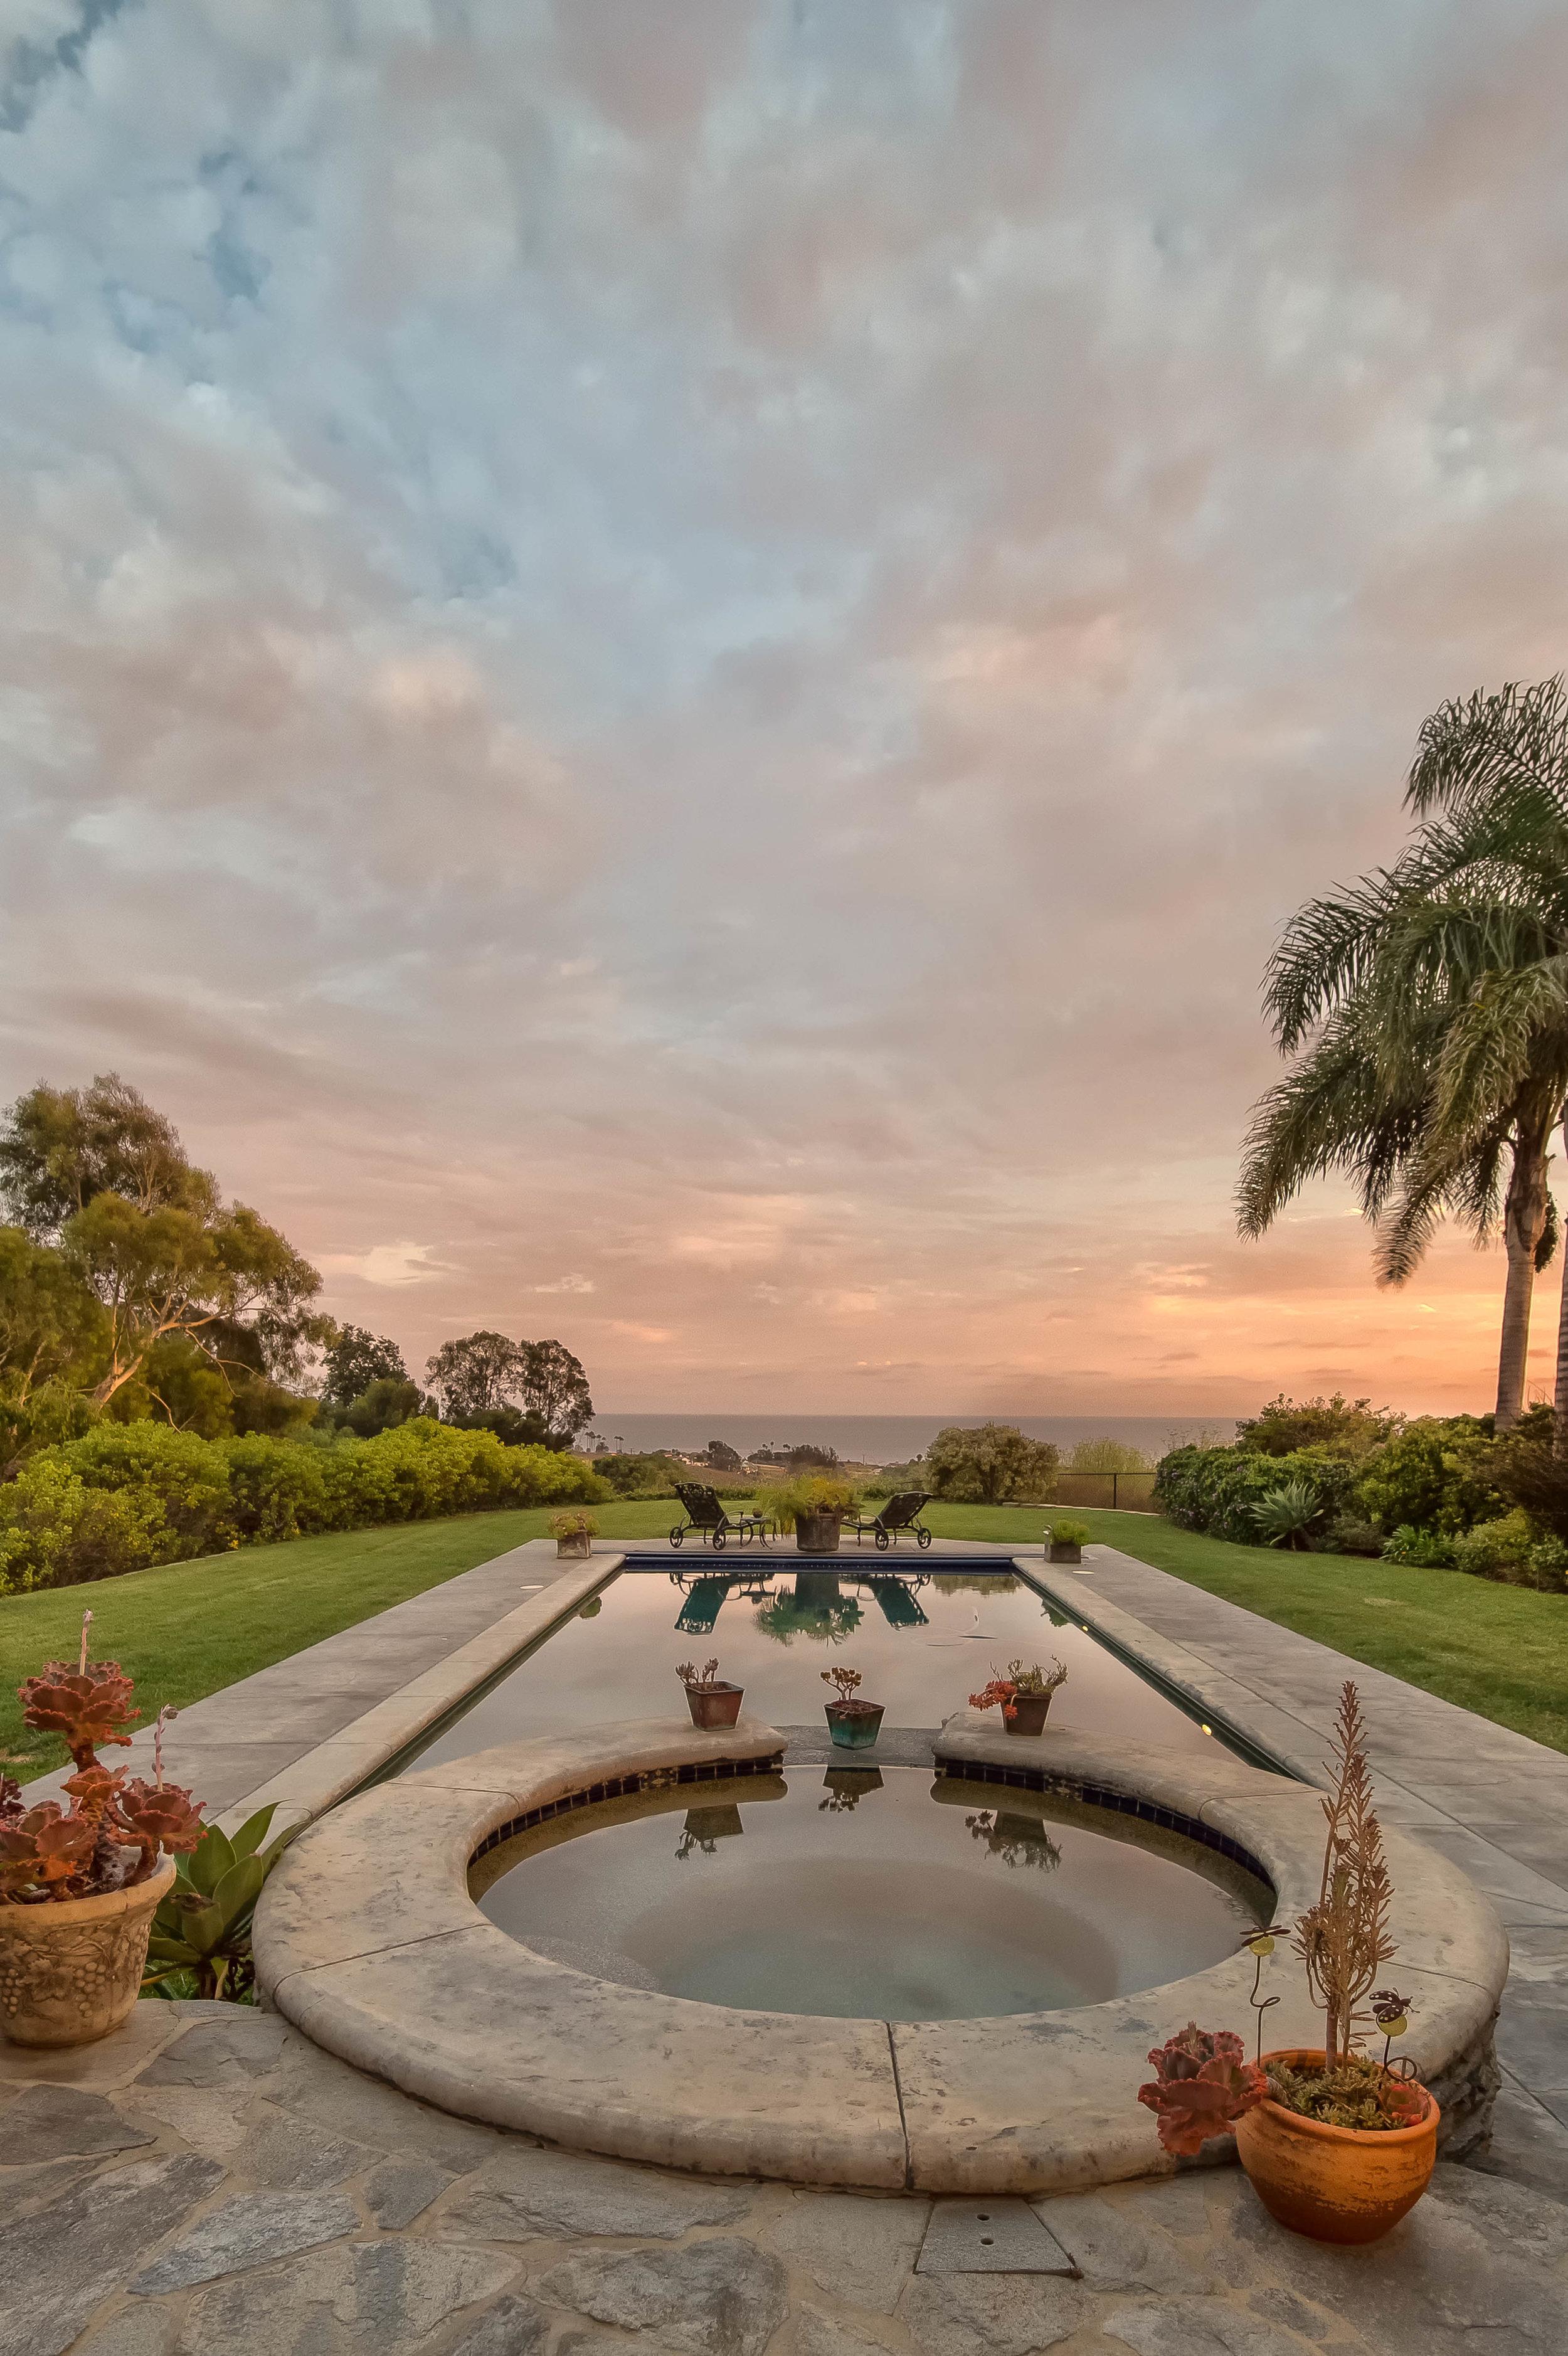 030 twilight pool 29660 Harvester Road Malibu For Sale The Malibu Life Team Luxury Real Estate.jpg